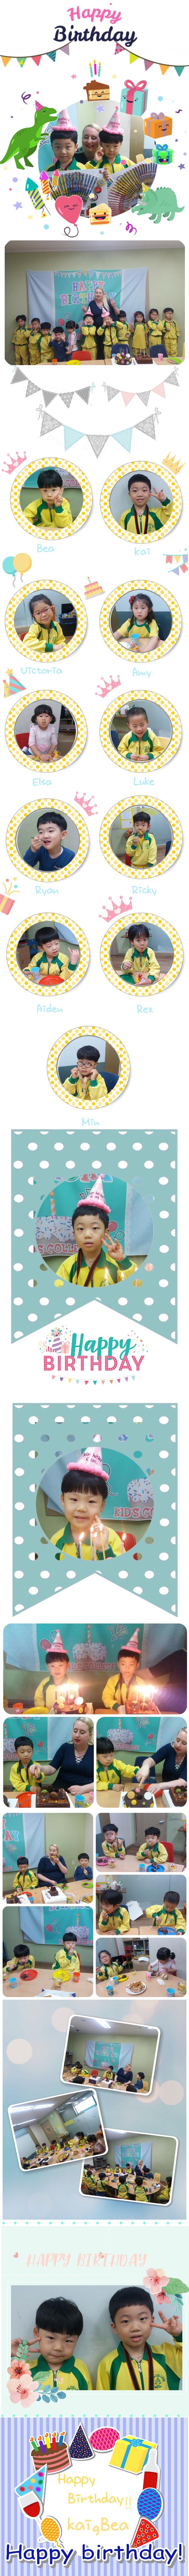 2018_ Birthday kai Beapsd copy.jpg